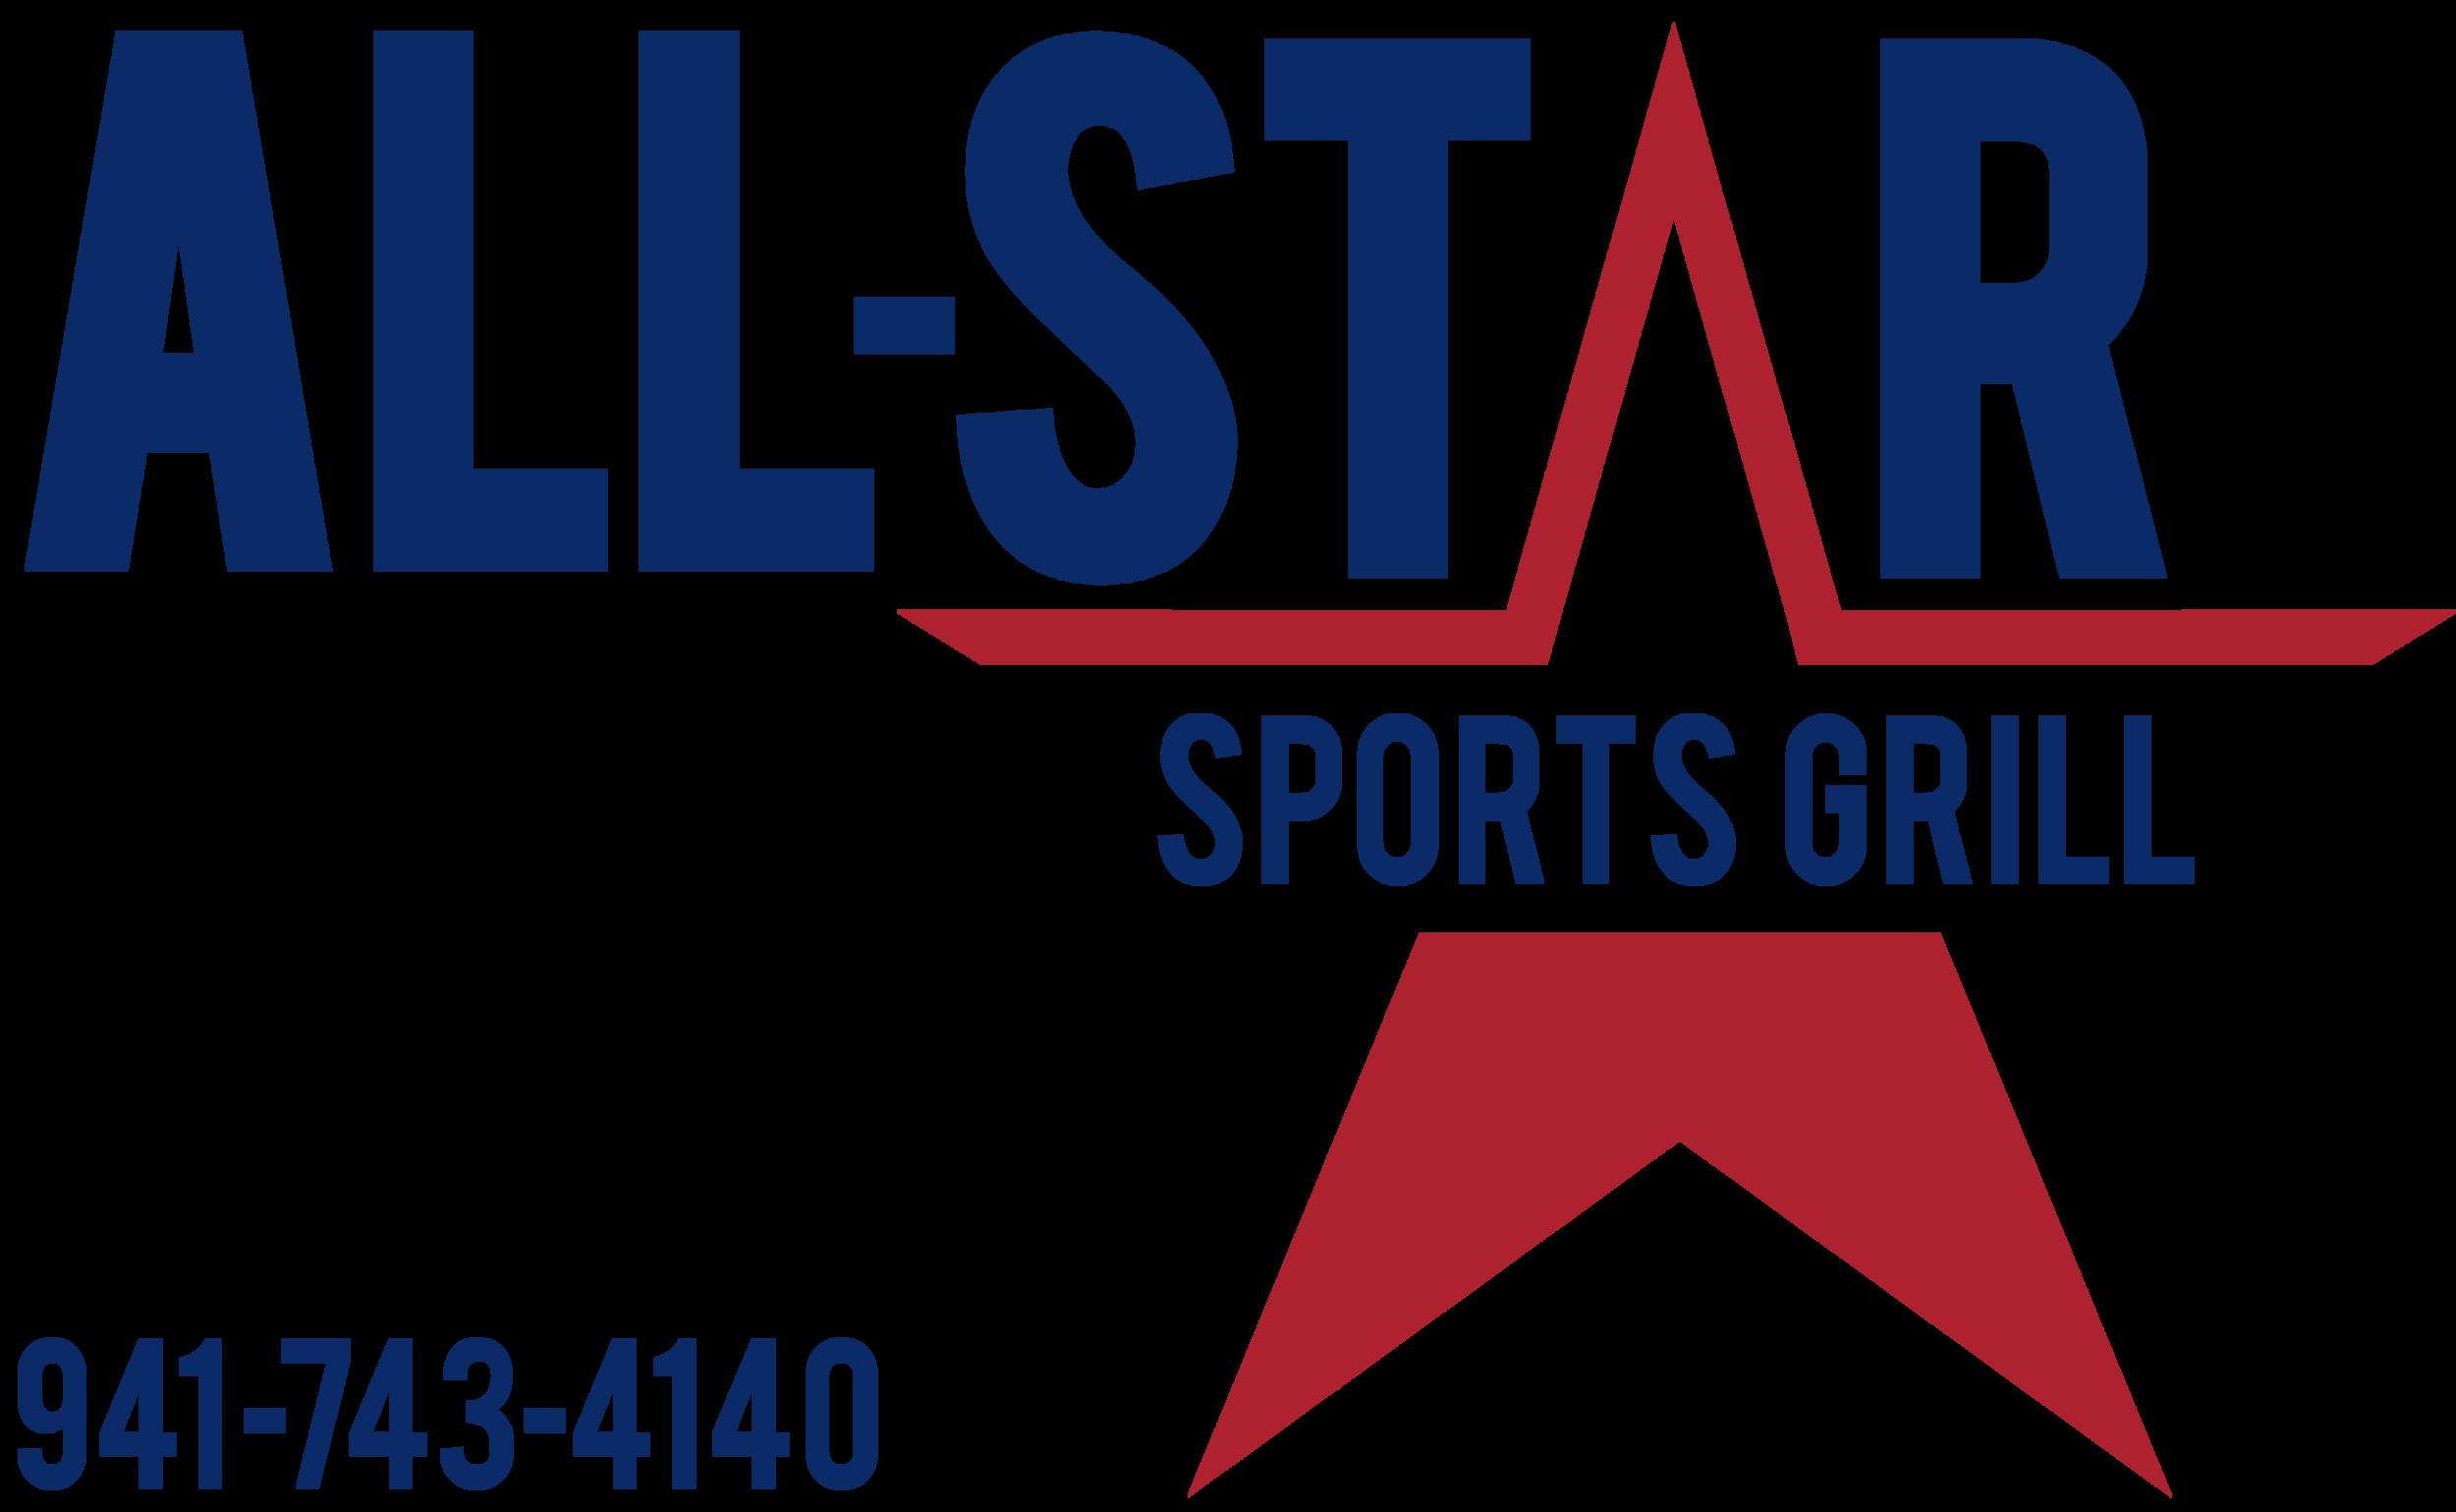 All Star Sports Grillall Star Sports Grill